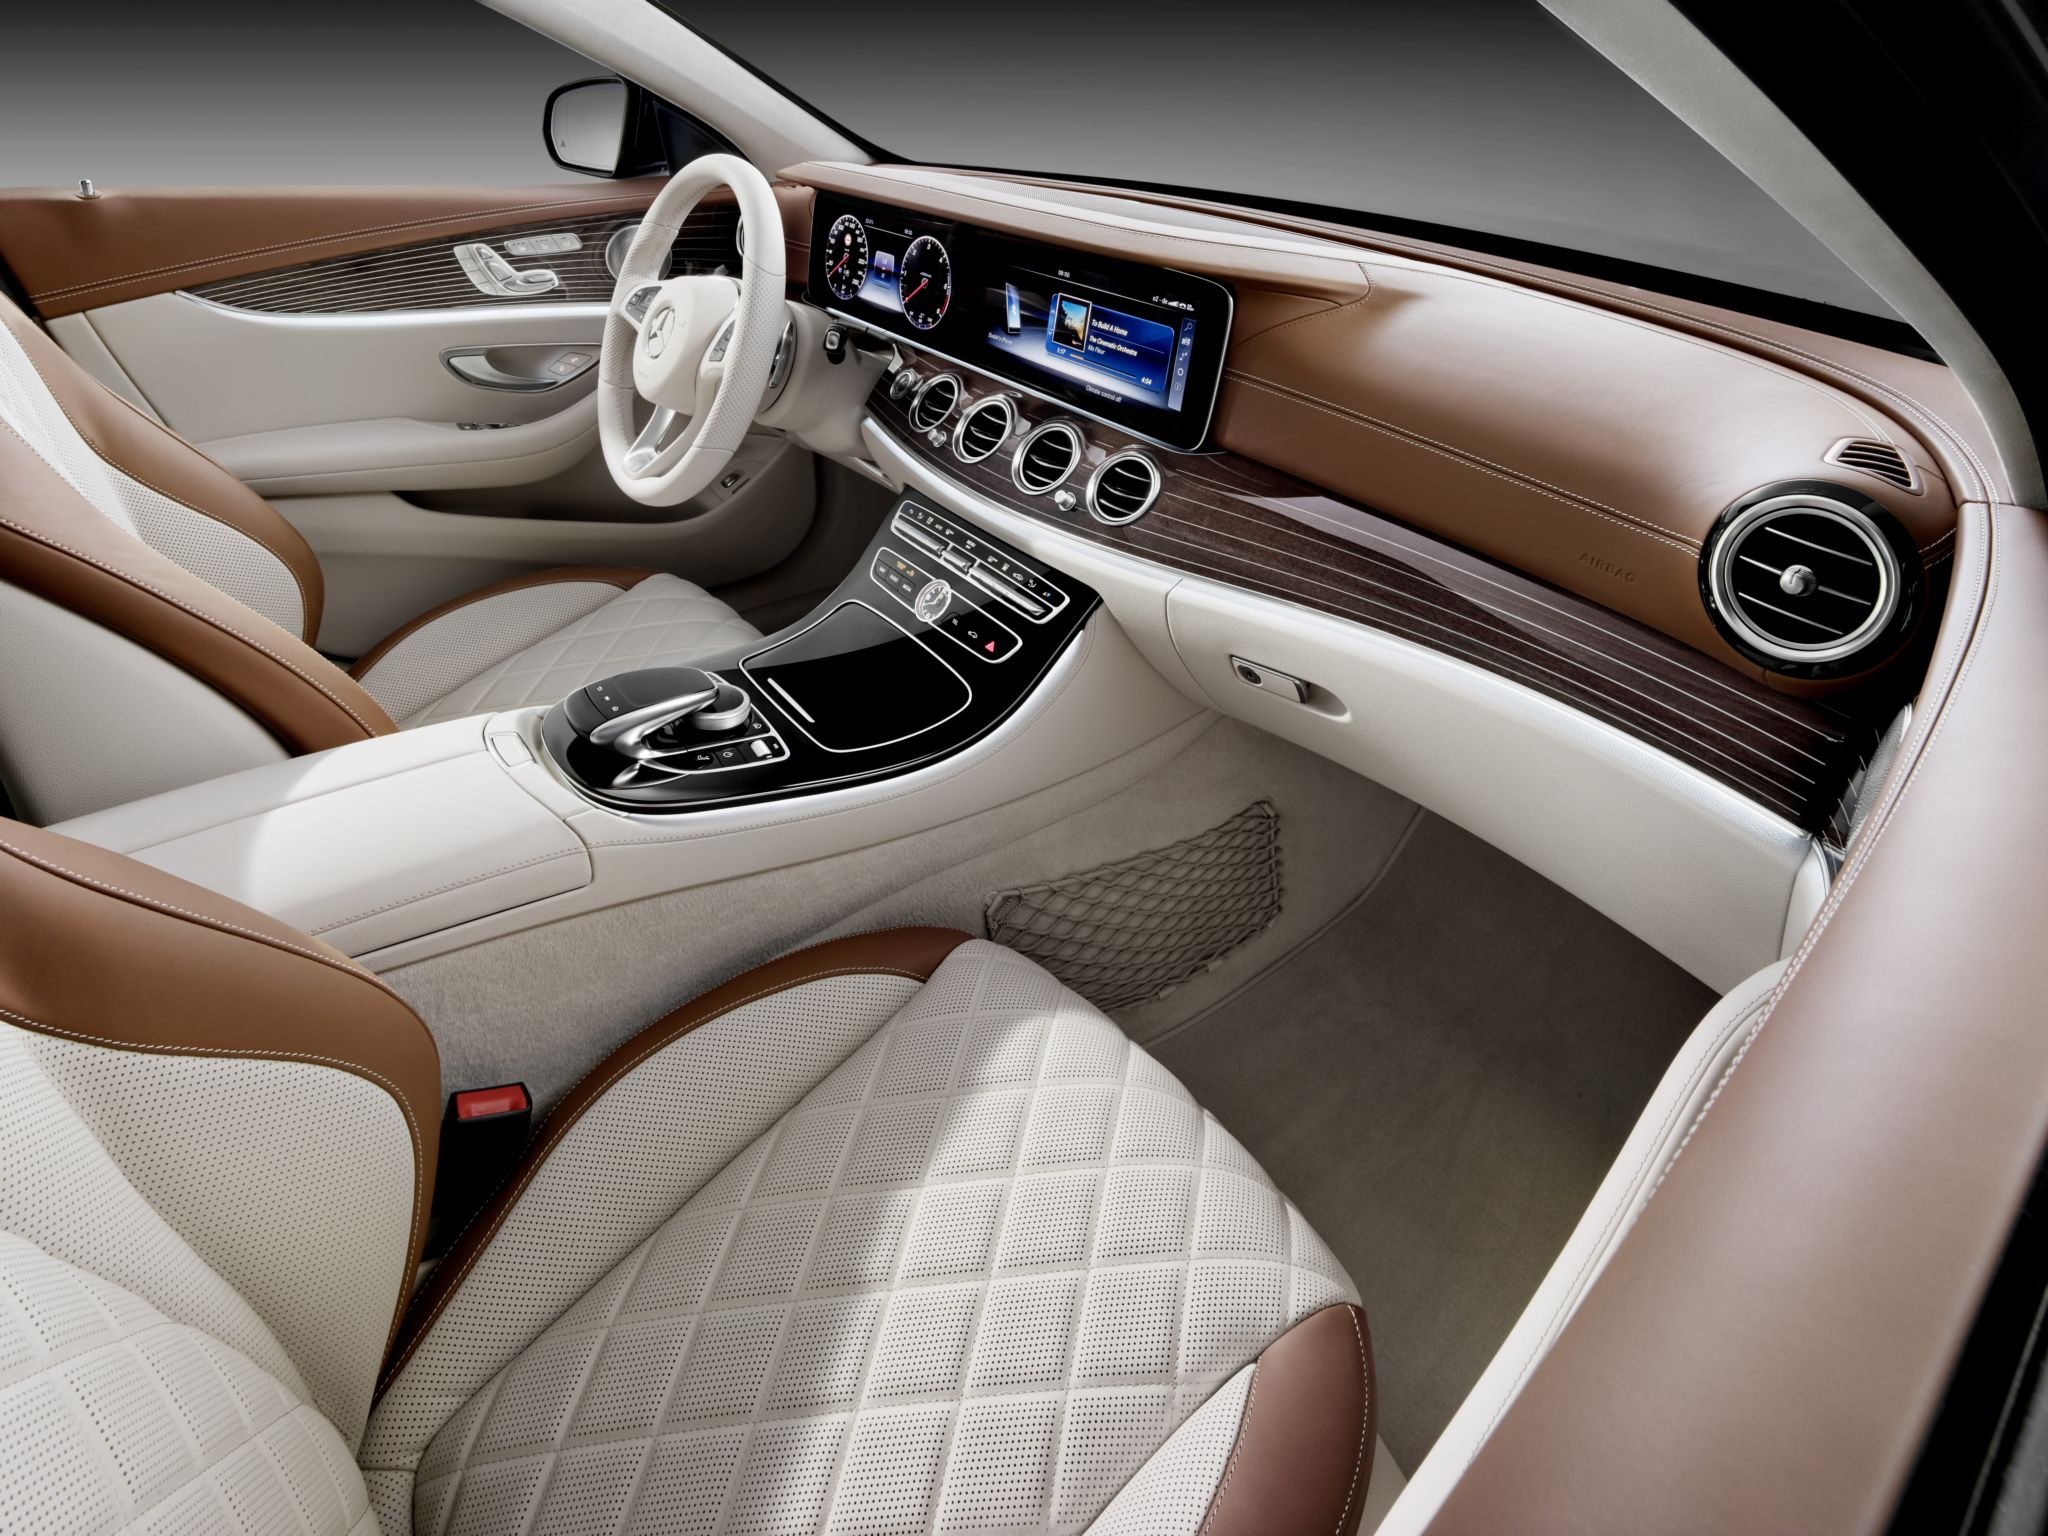 2017 Mercedes Benz E Class Estate Revealed 295kw E 43 Amg